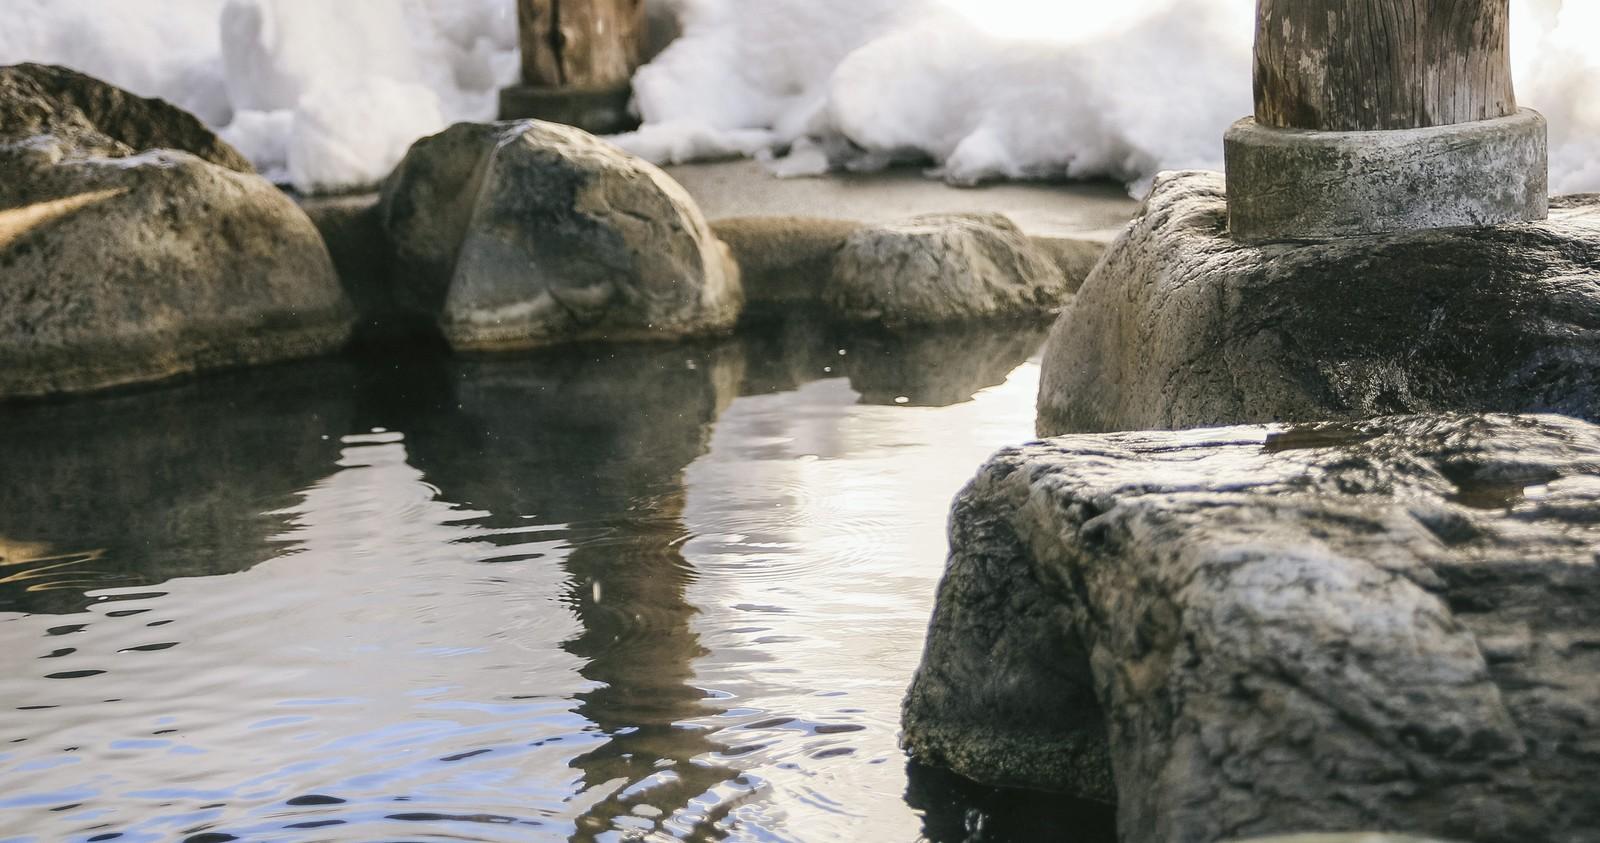 日本刺青大小事〜有刺青就不能泡溫泉、進游泳池?!〜/日本の刺青事情〜刺青してたらどうして温泉・プールに入れないの?!〜